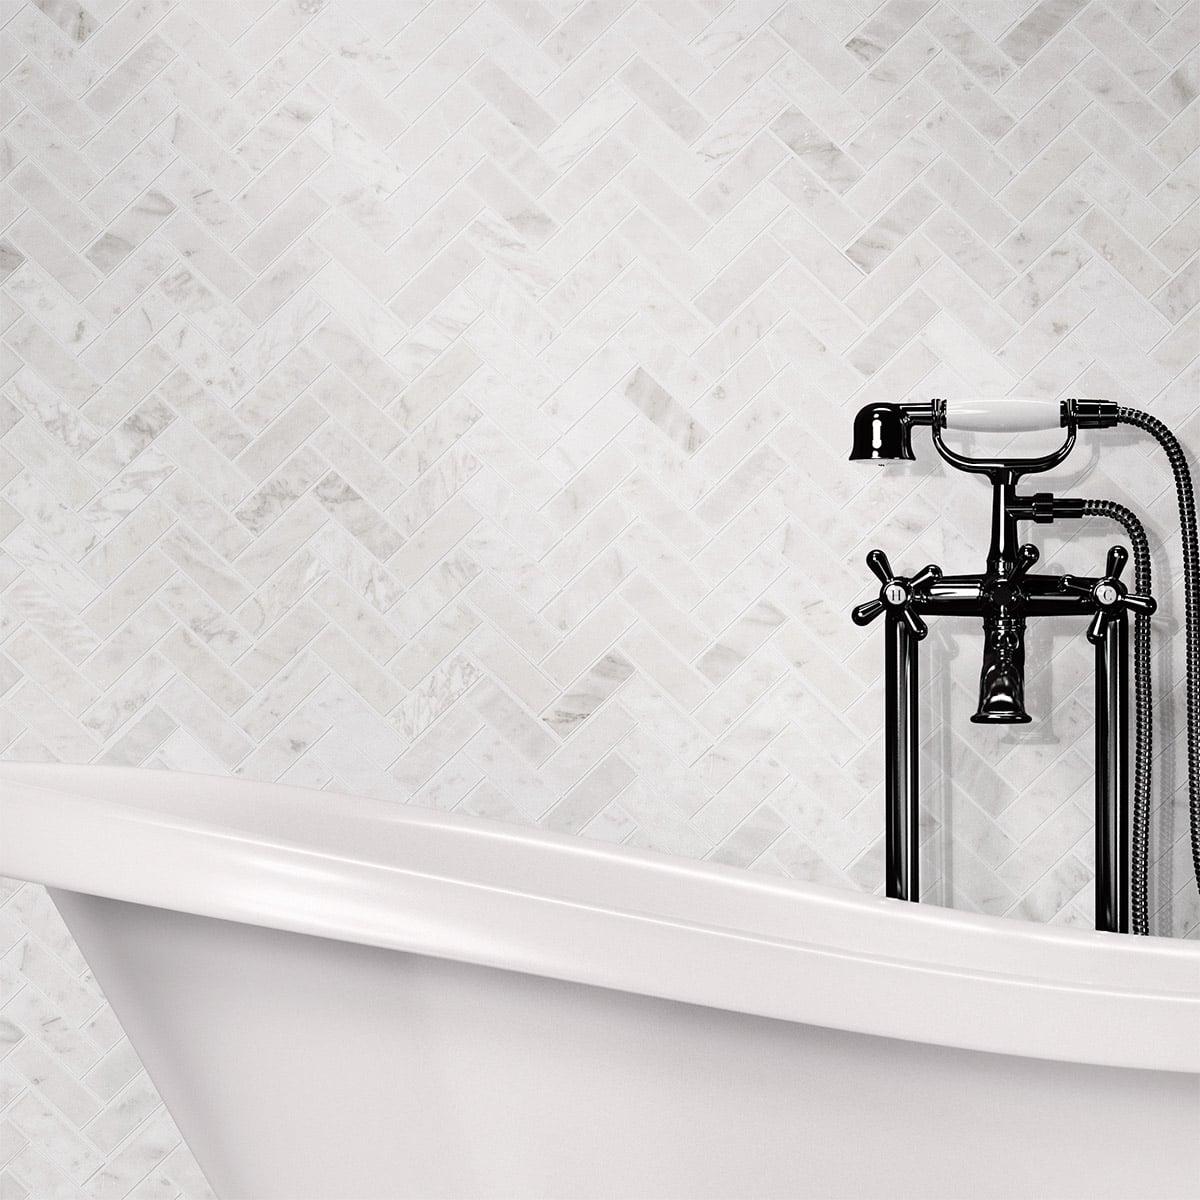 Carrara Herringbone Polished Mosaic tile sheet